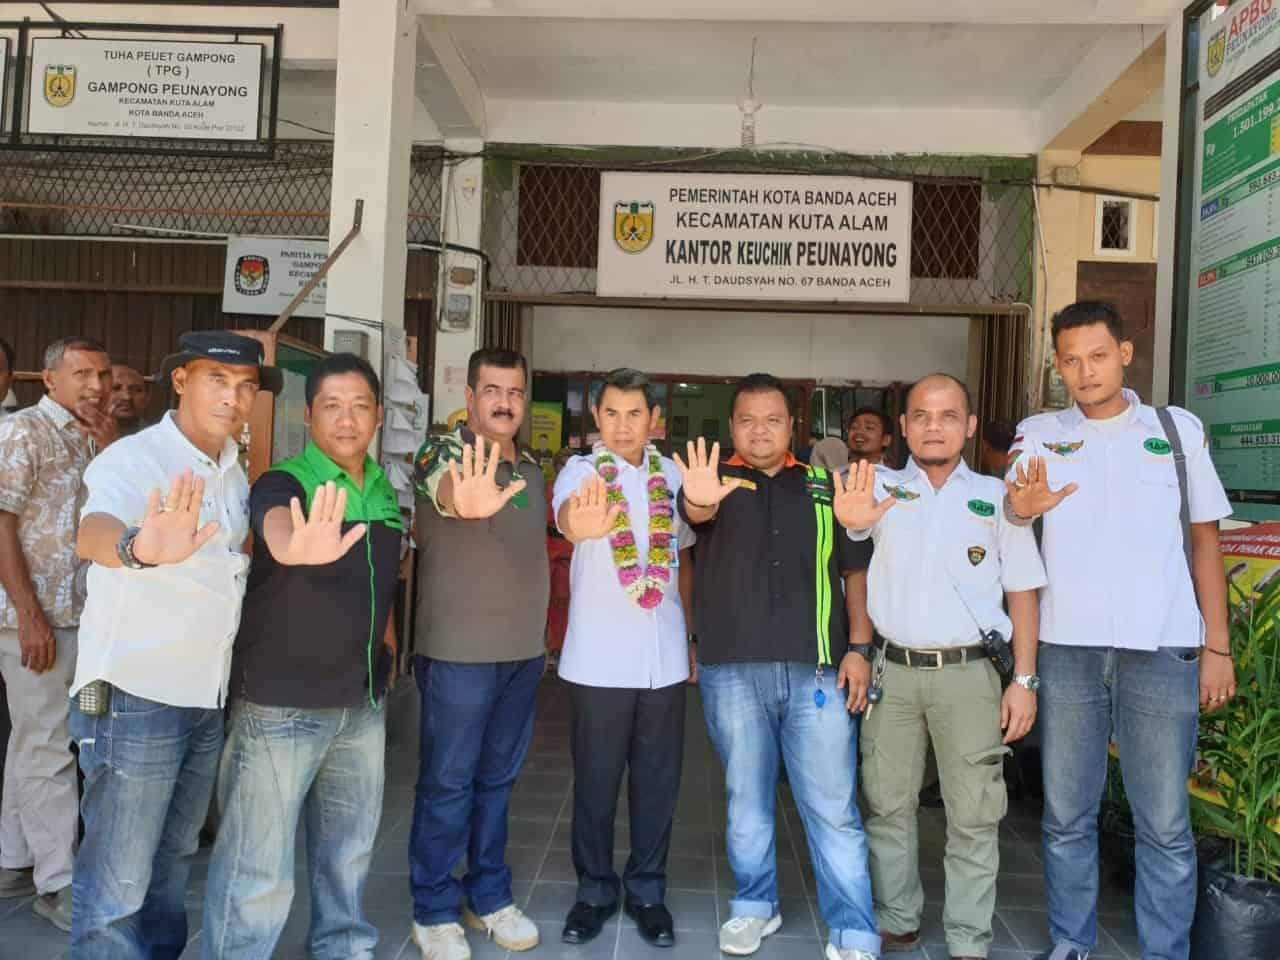 Pesan Settama BNN; Gampong Peunayong jadi role model Desa Bersinar di Indonesia